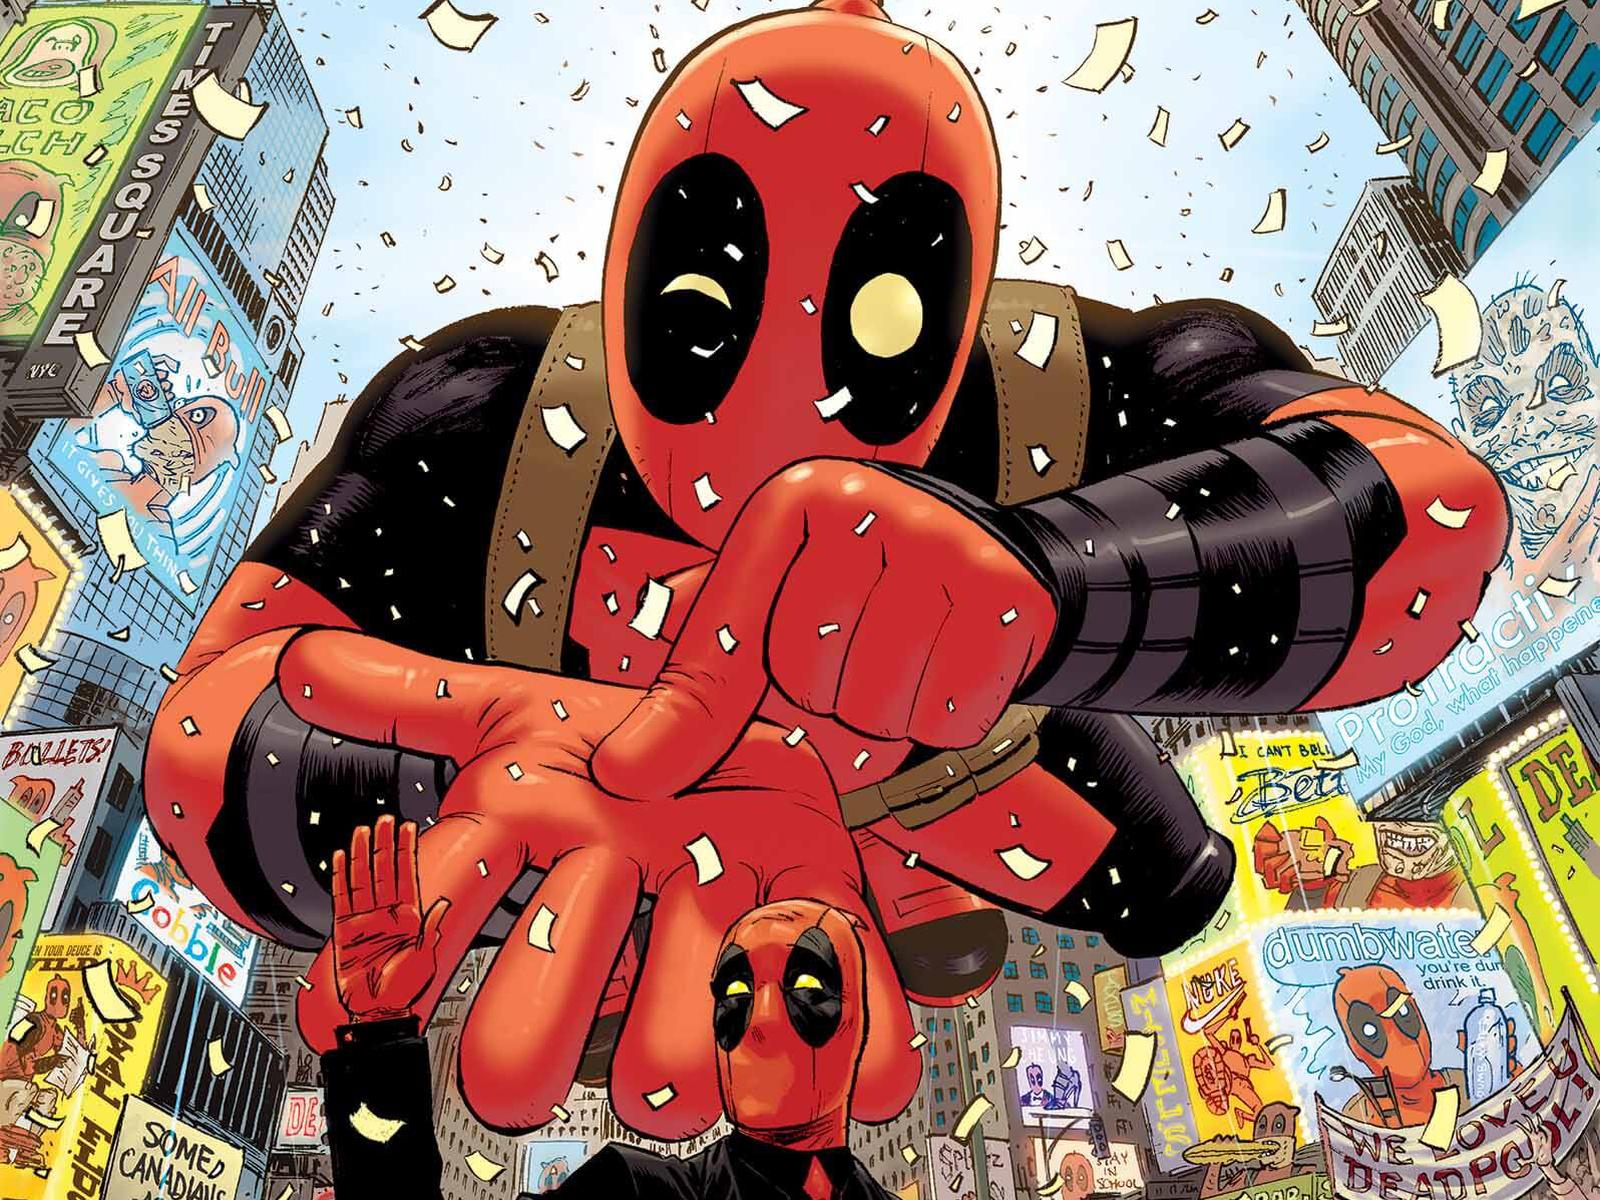 Fondos De Pantalla De Deadpool: Deadpool Fondos De Pantalla, Fondos De Escritorio